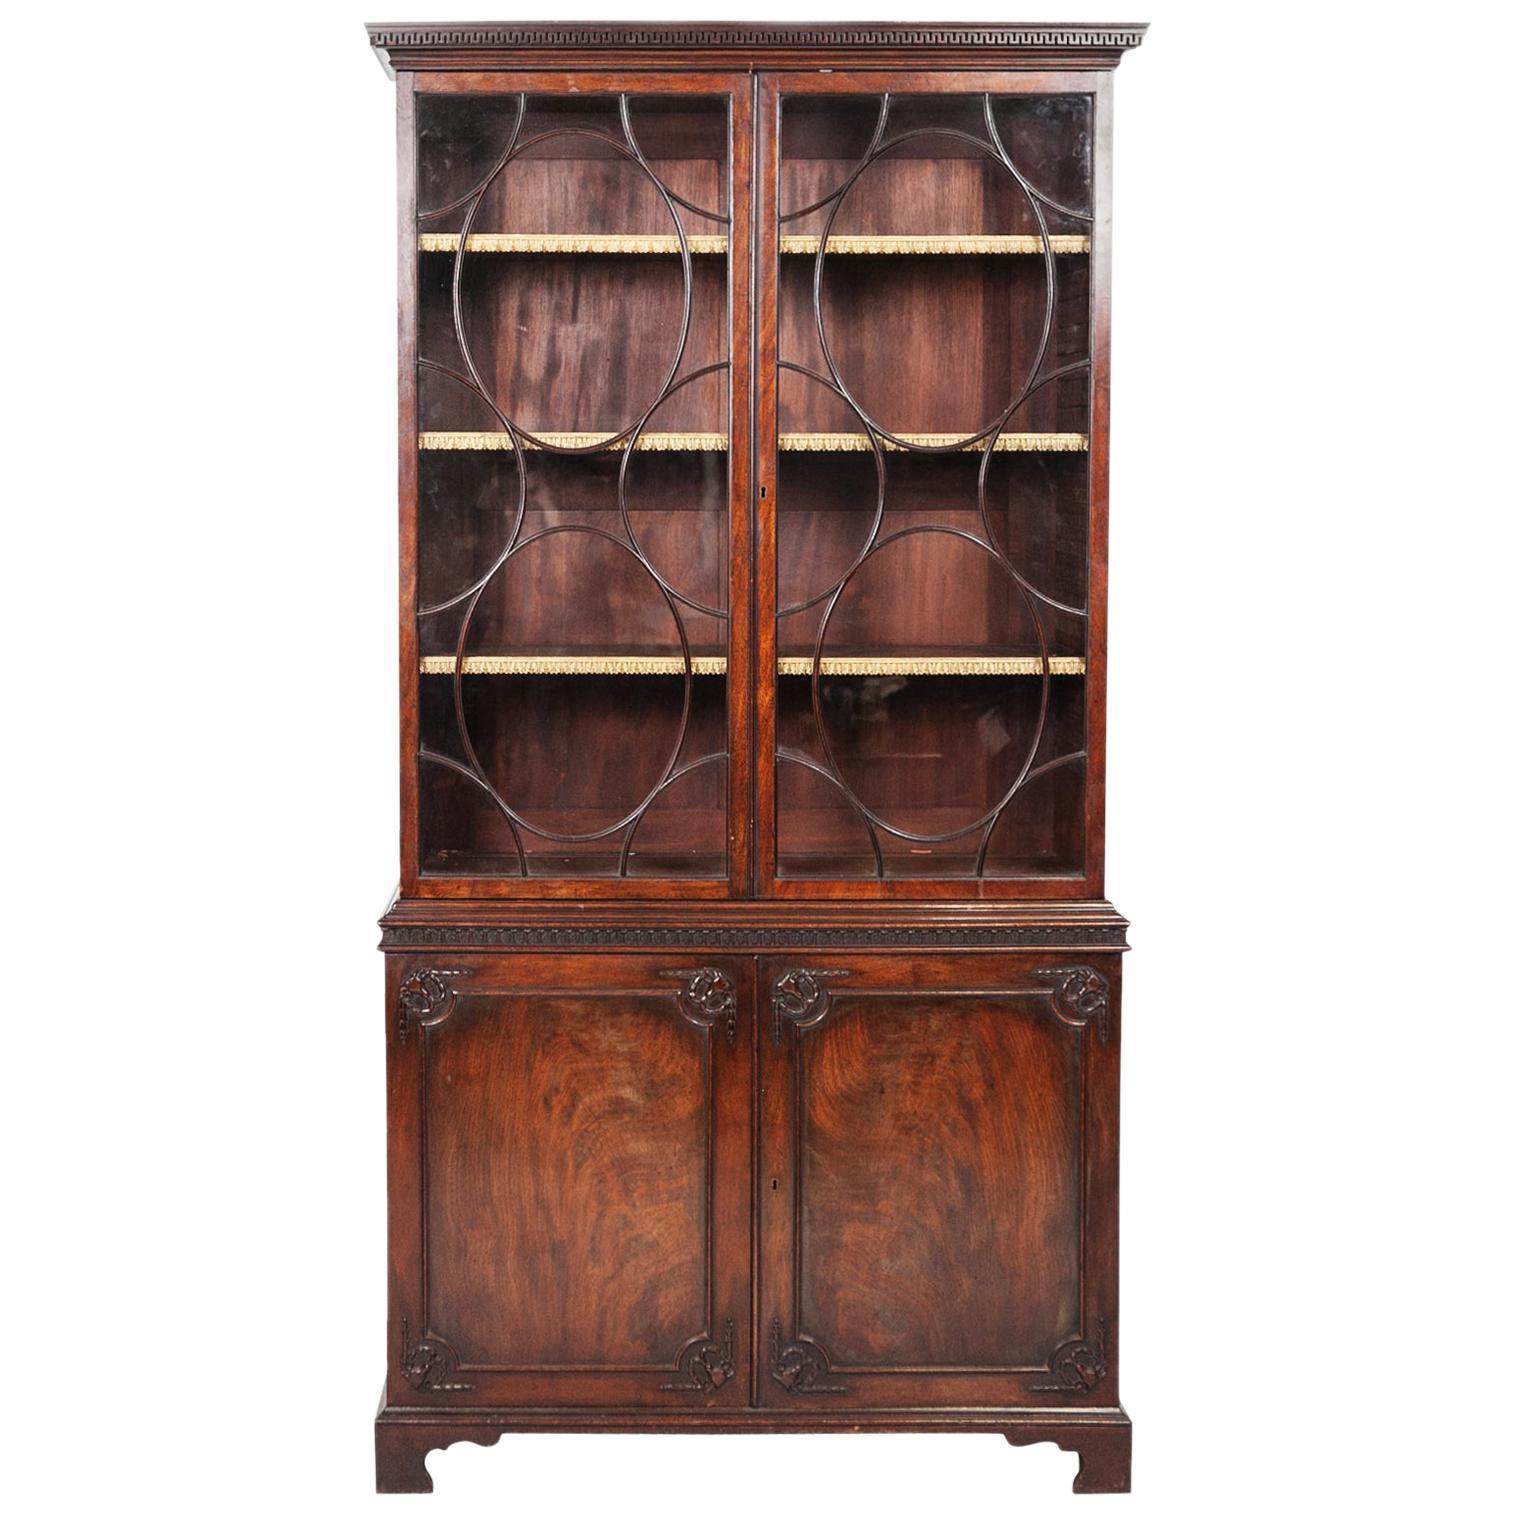 George III Mahogany Two-Door Bookcase